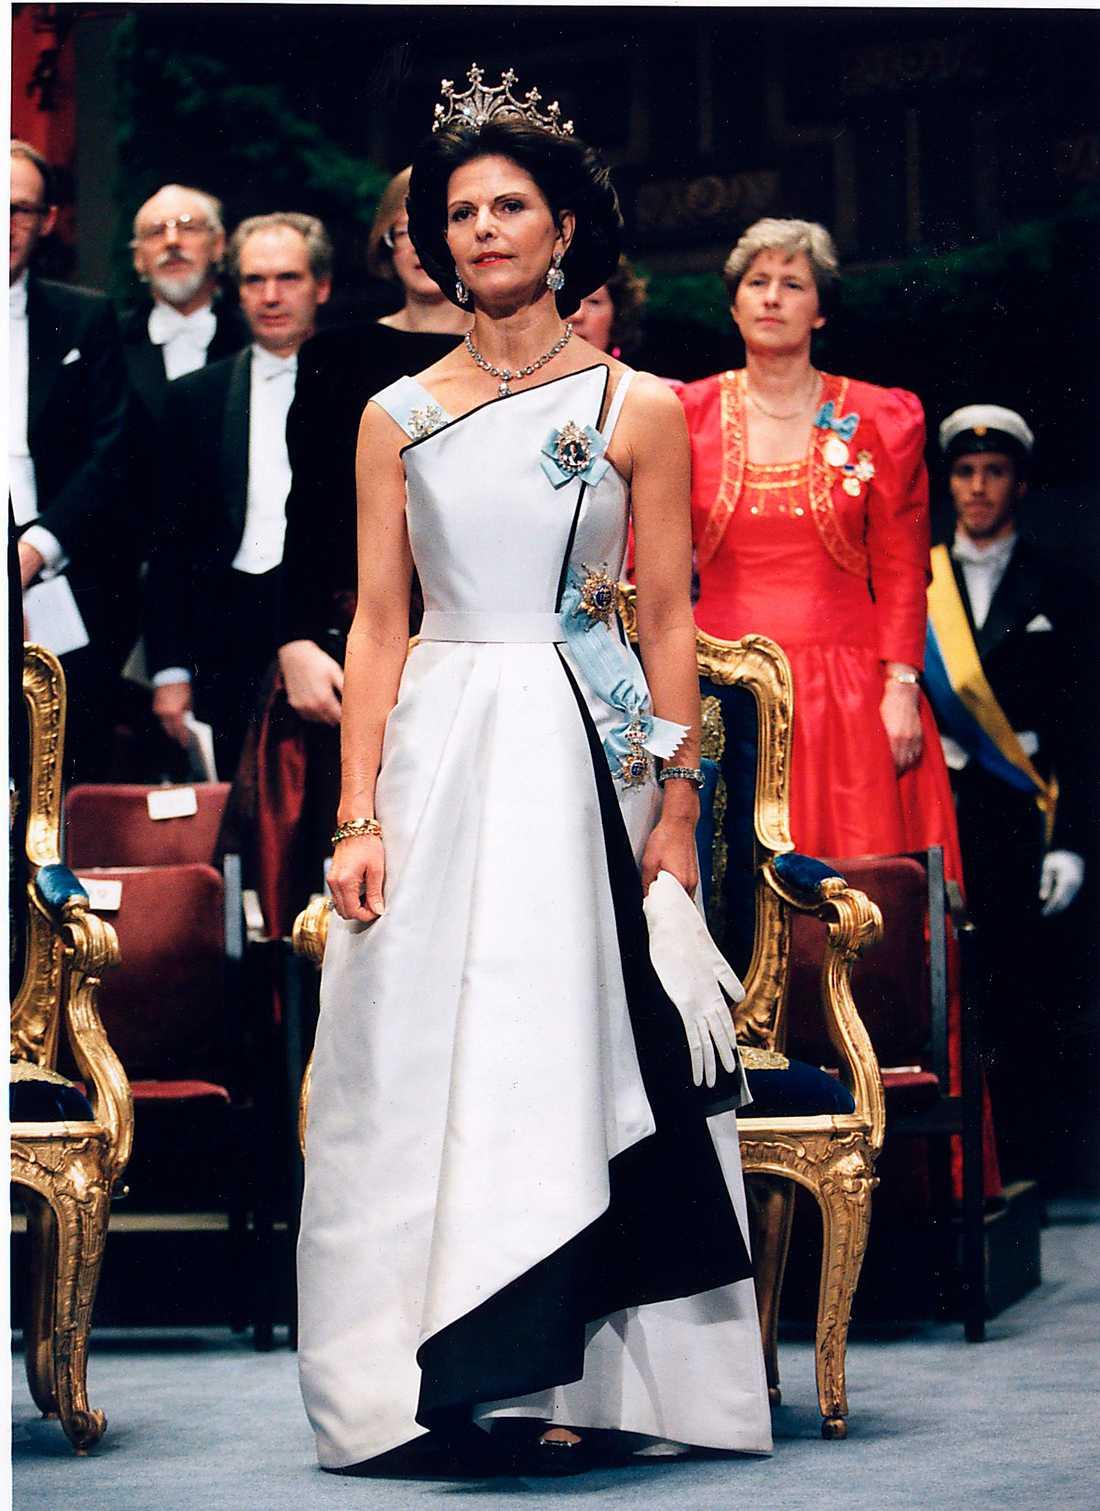 1994 г- созданно швейцарским  модельером Jaques Zehnder, работатающим в Париже - и вдохновлённым Баленсиагой